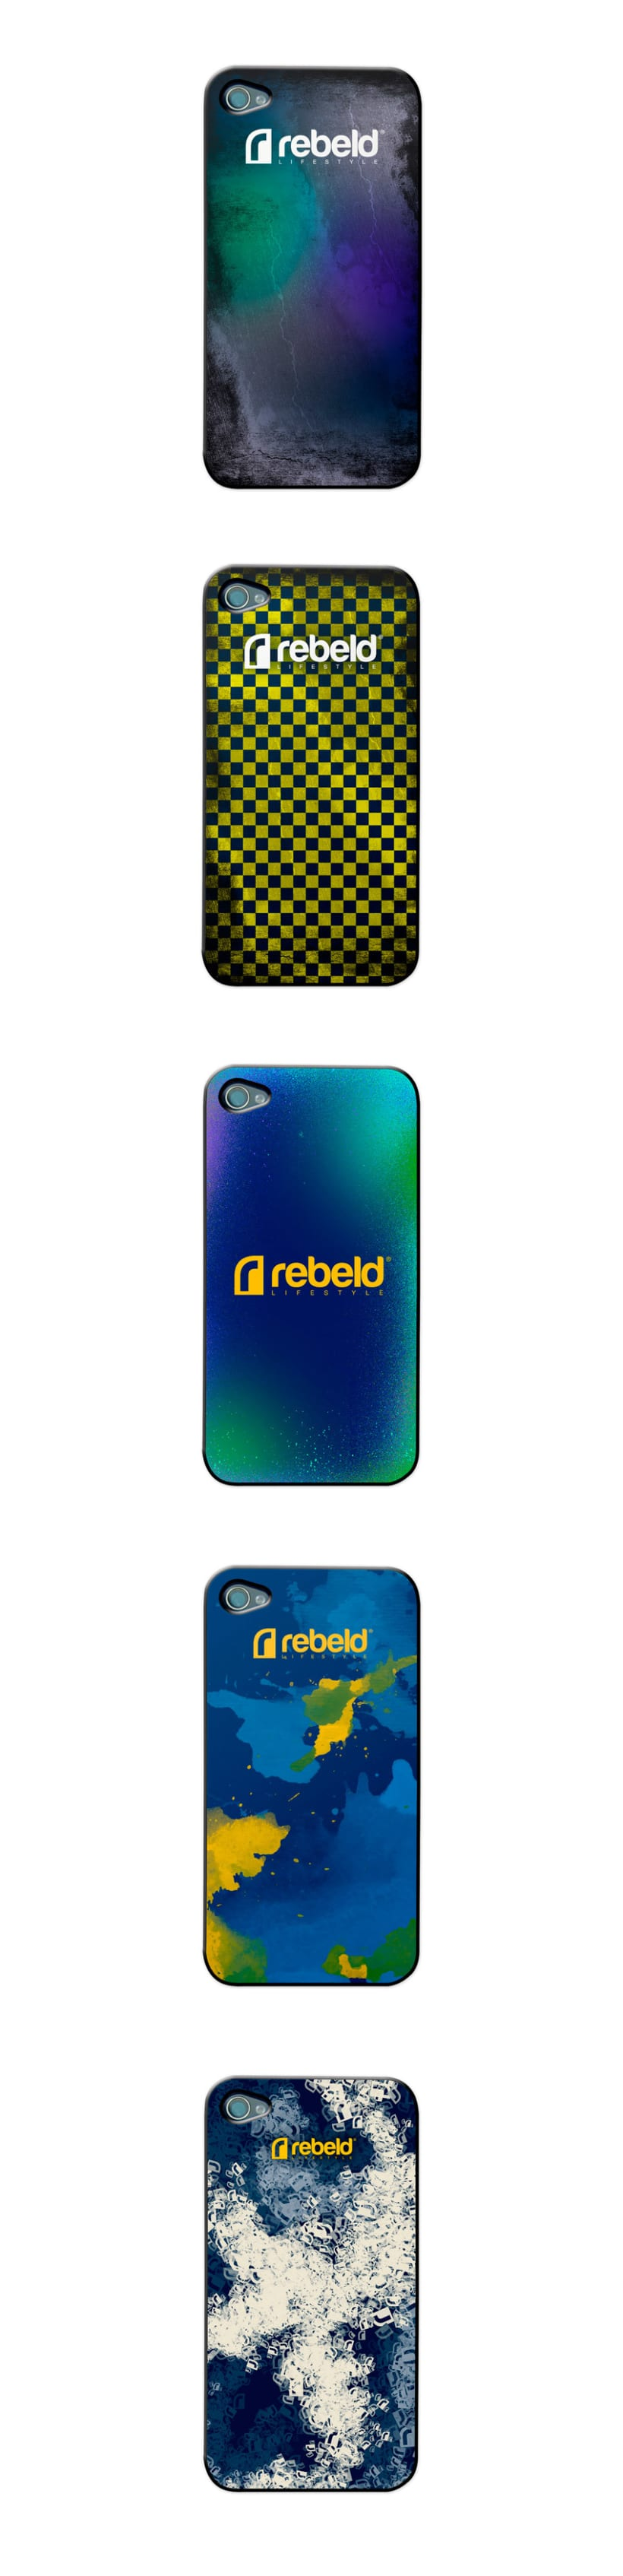 REBELD IPHONE CASES 2012. Estampación aplicada 0